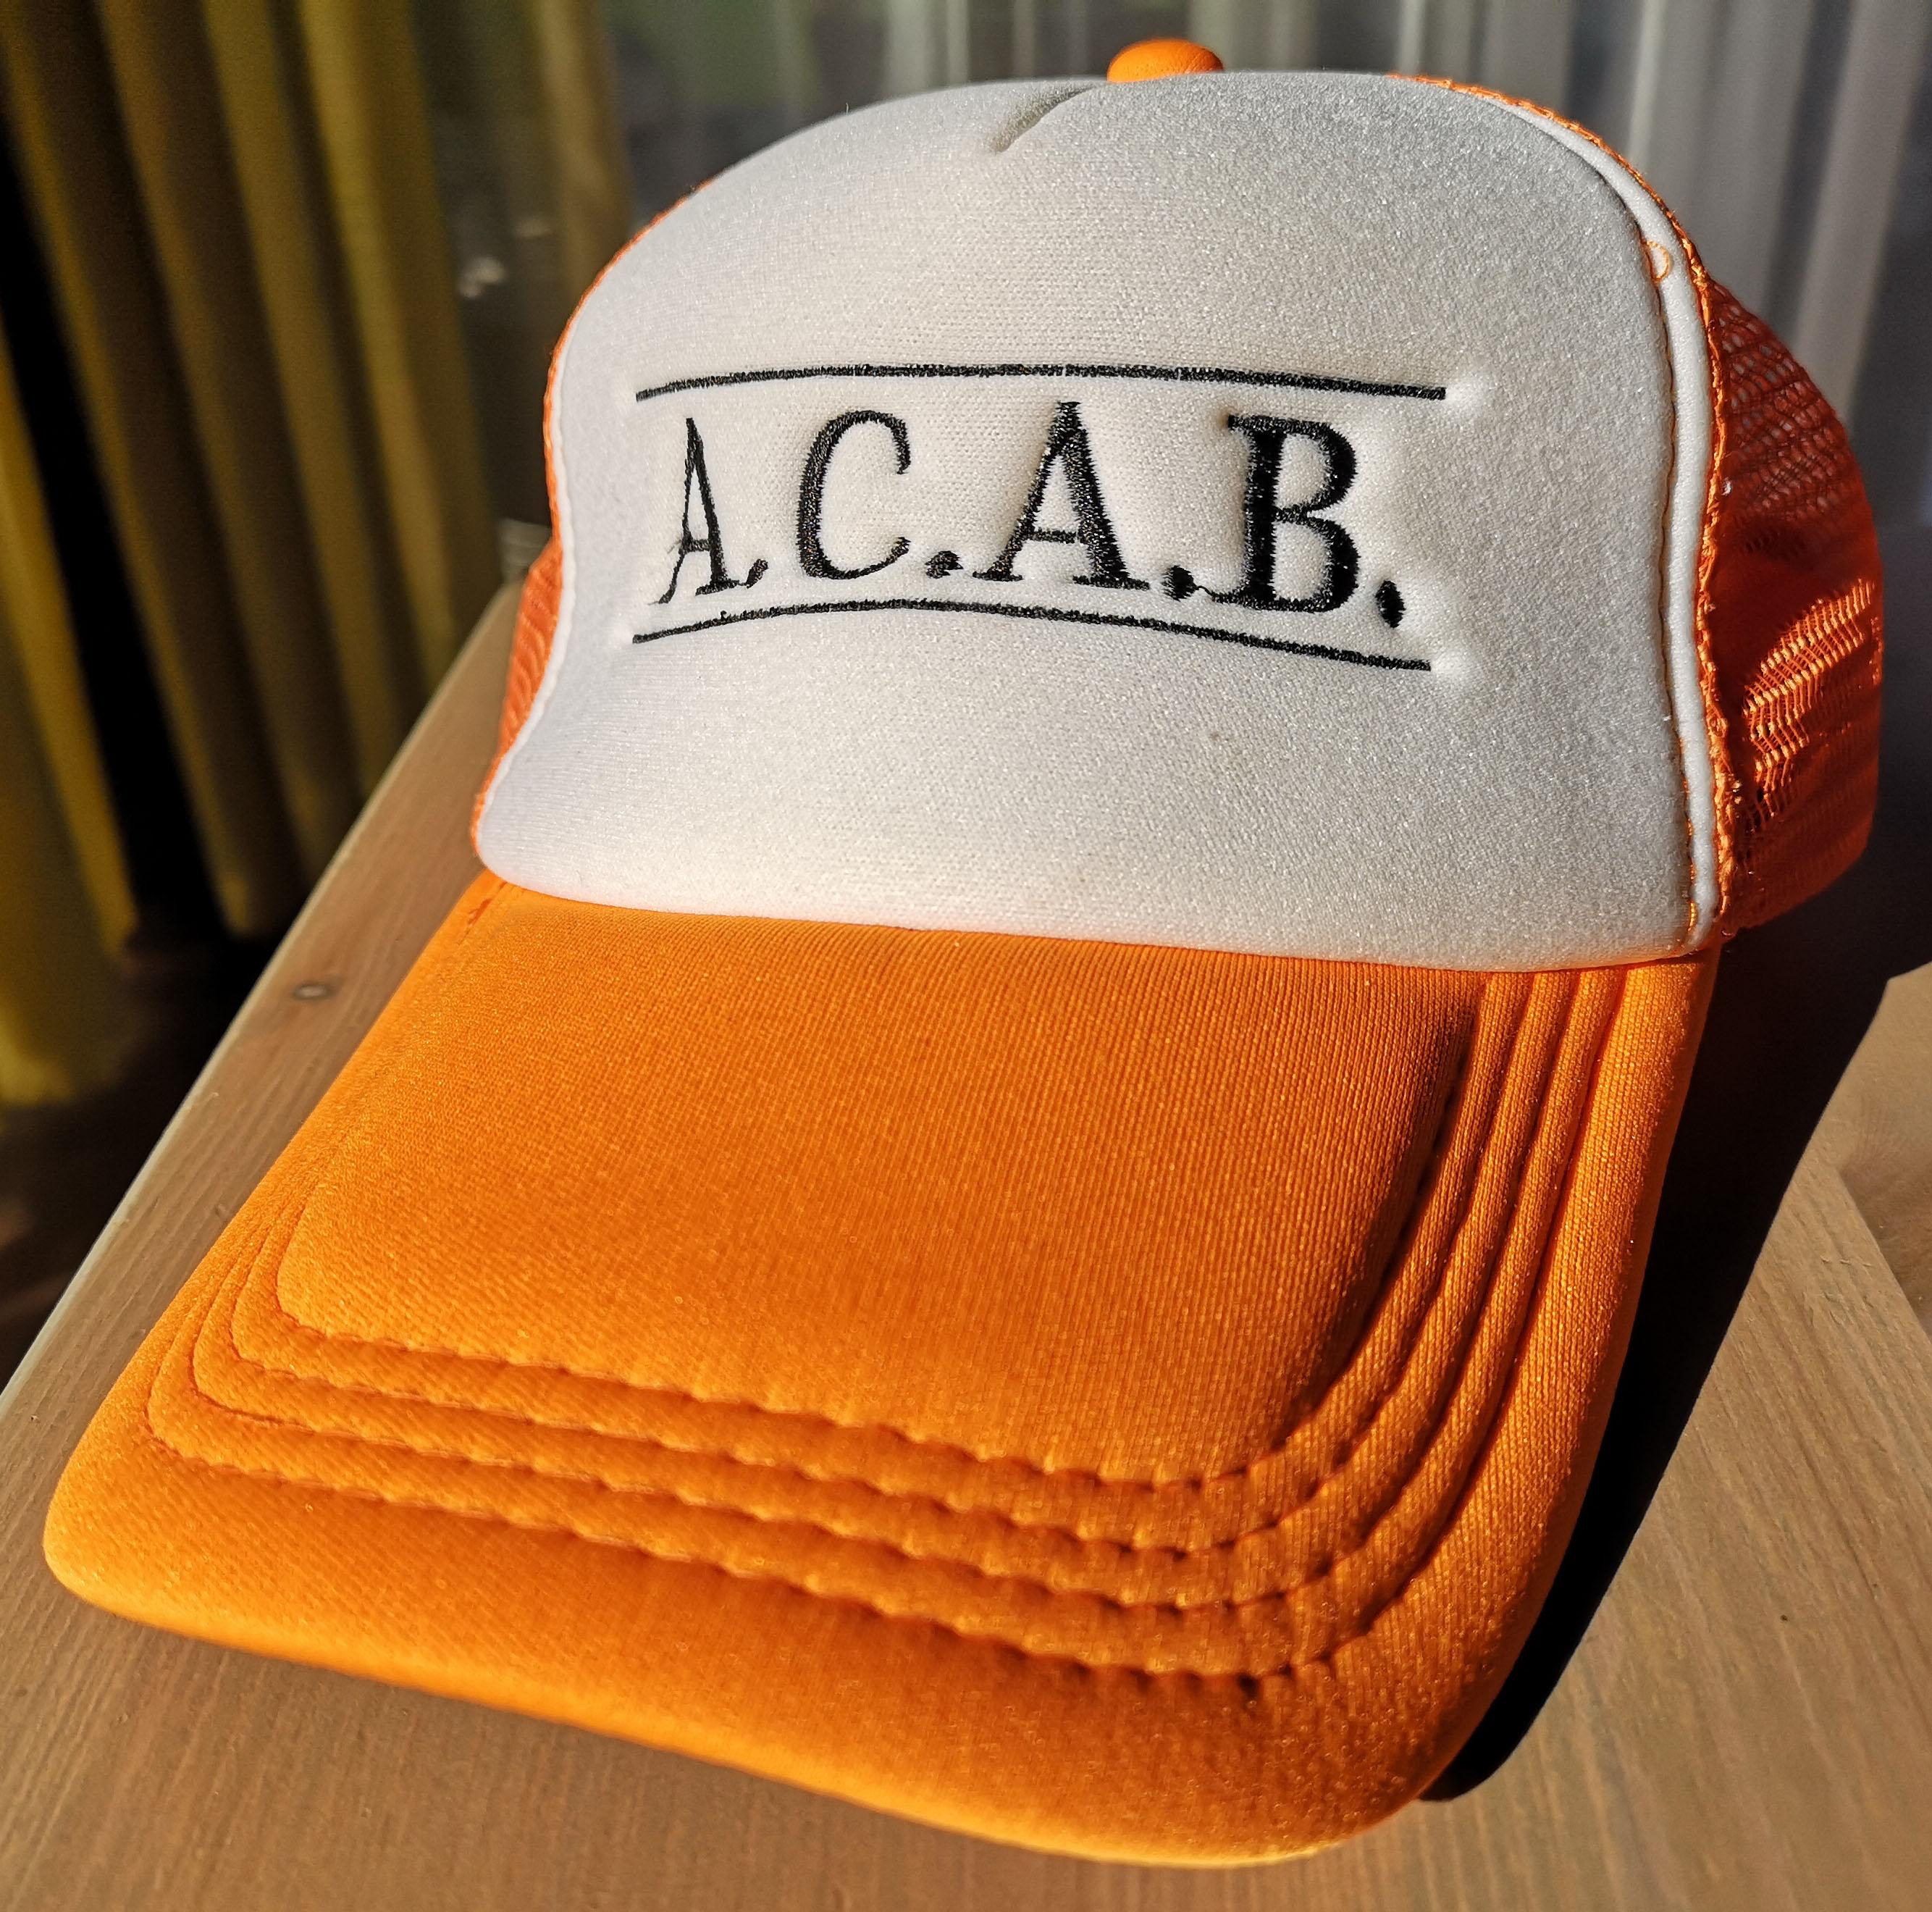 A.C.A.B. 02